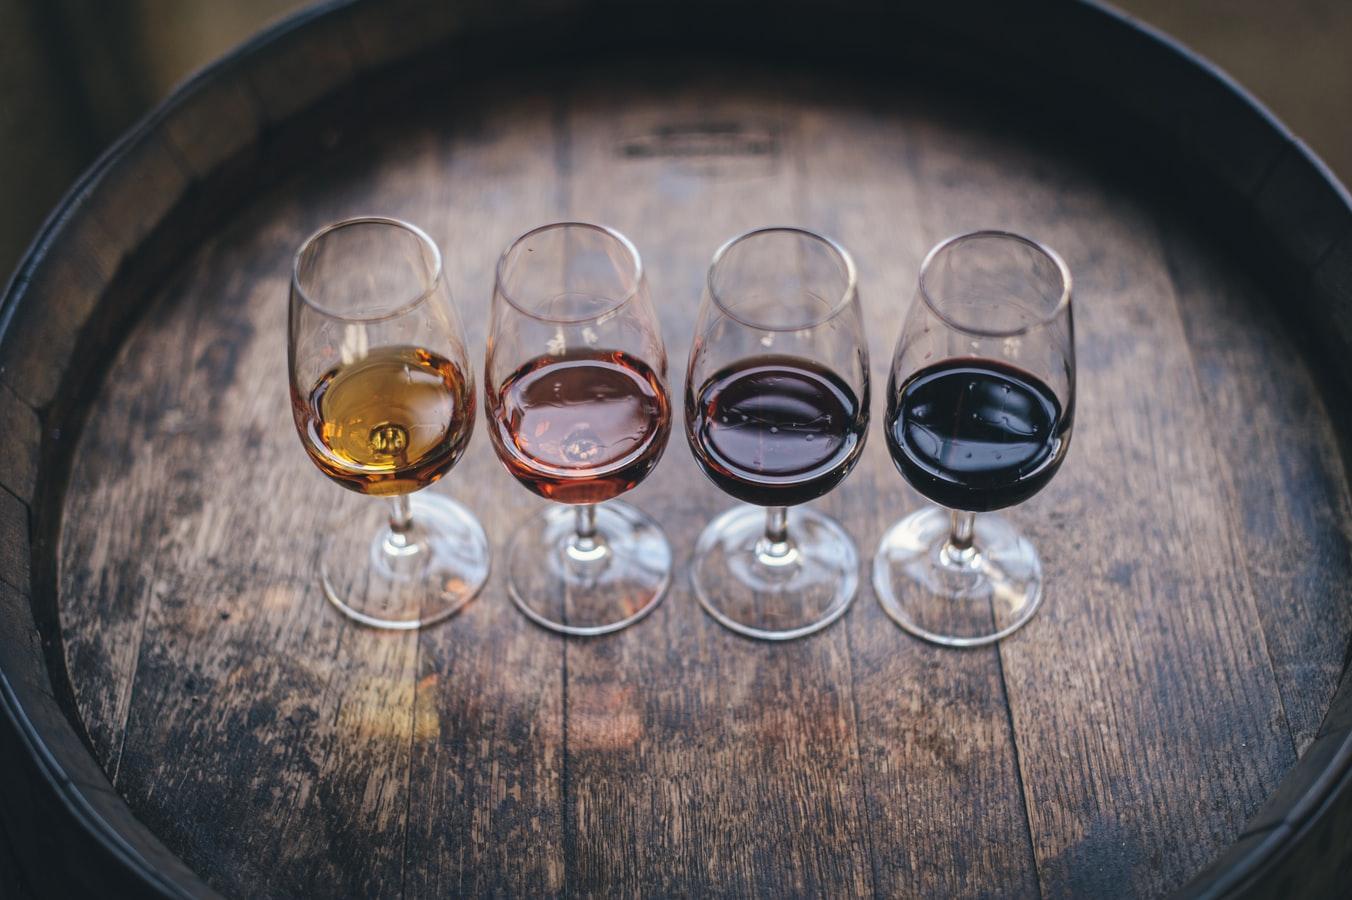 Quatro taças com diferentes tipos de vinhos